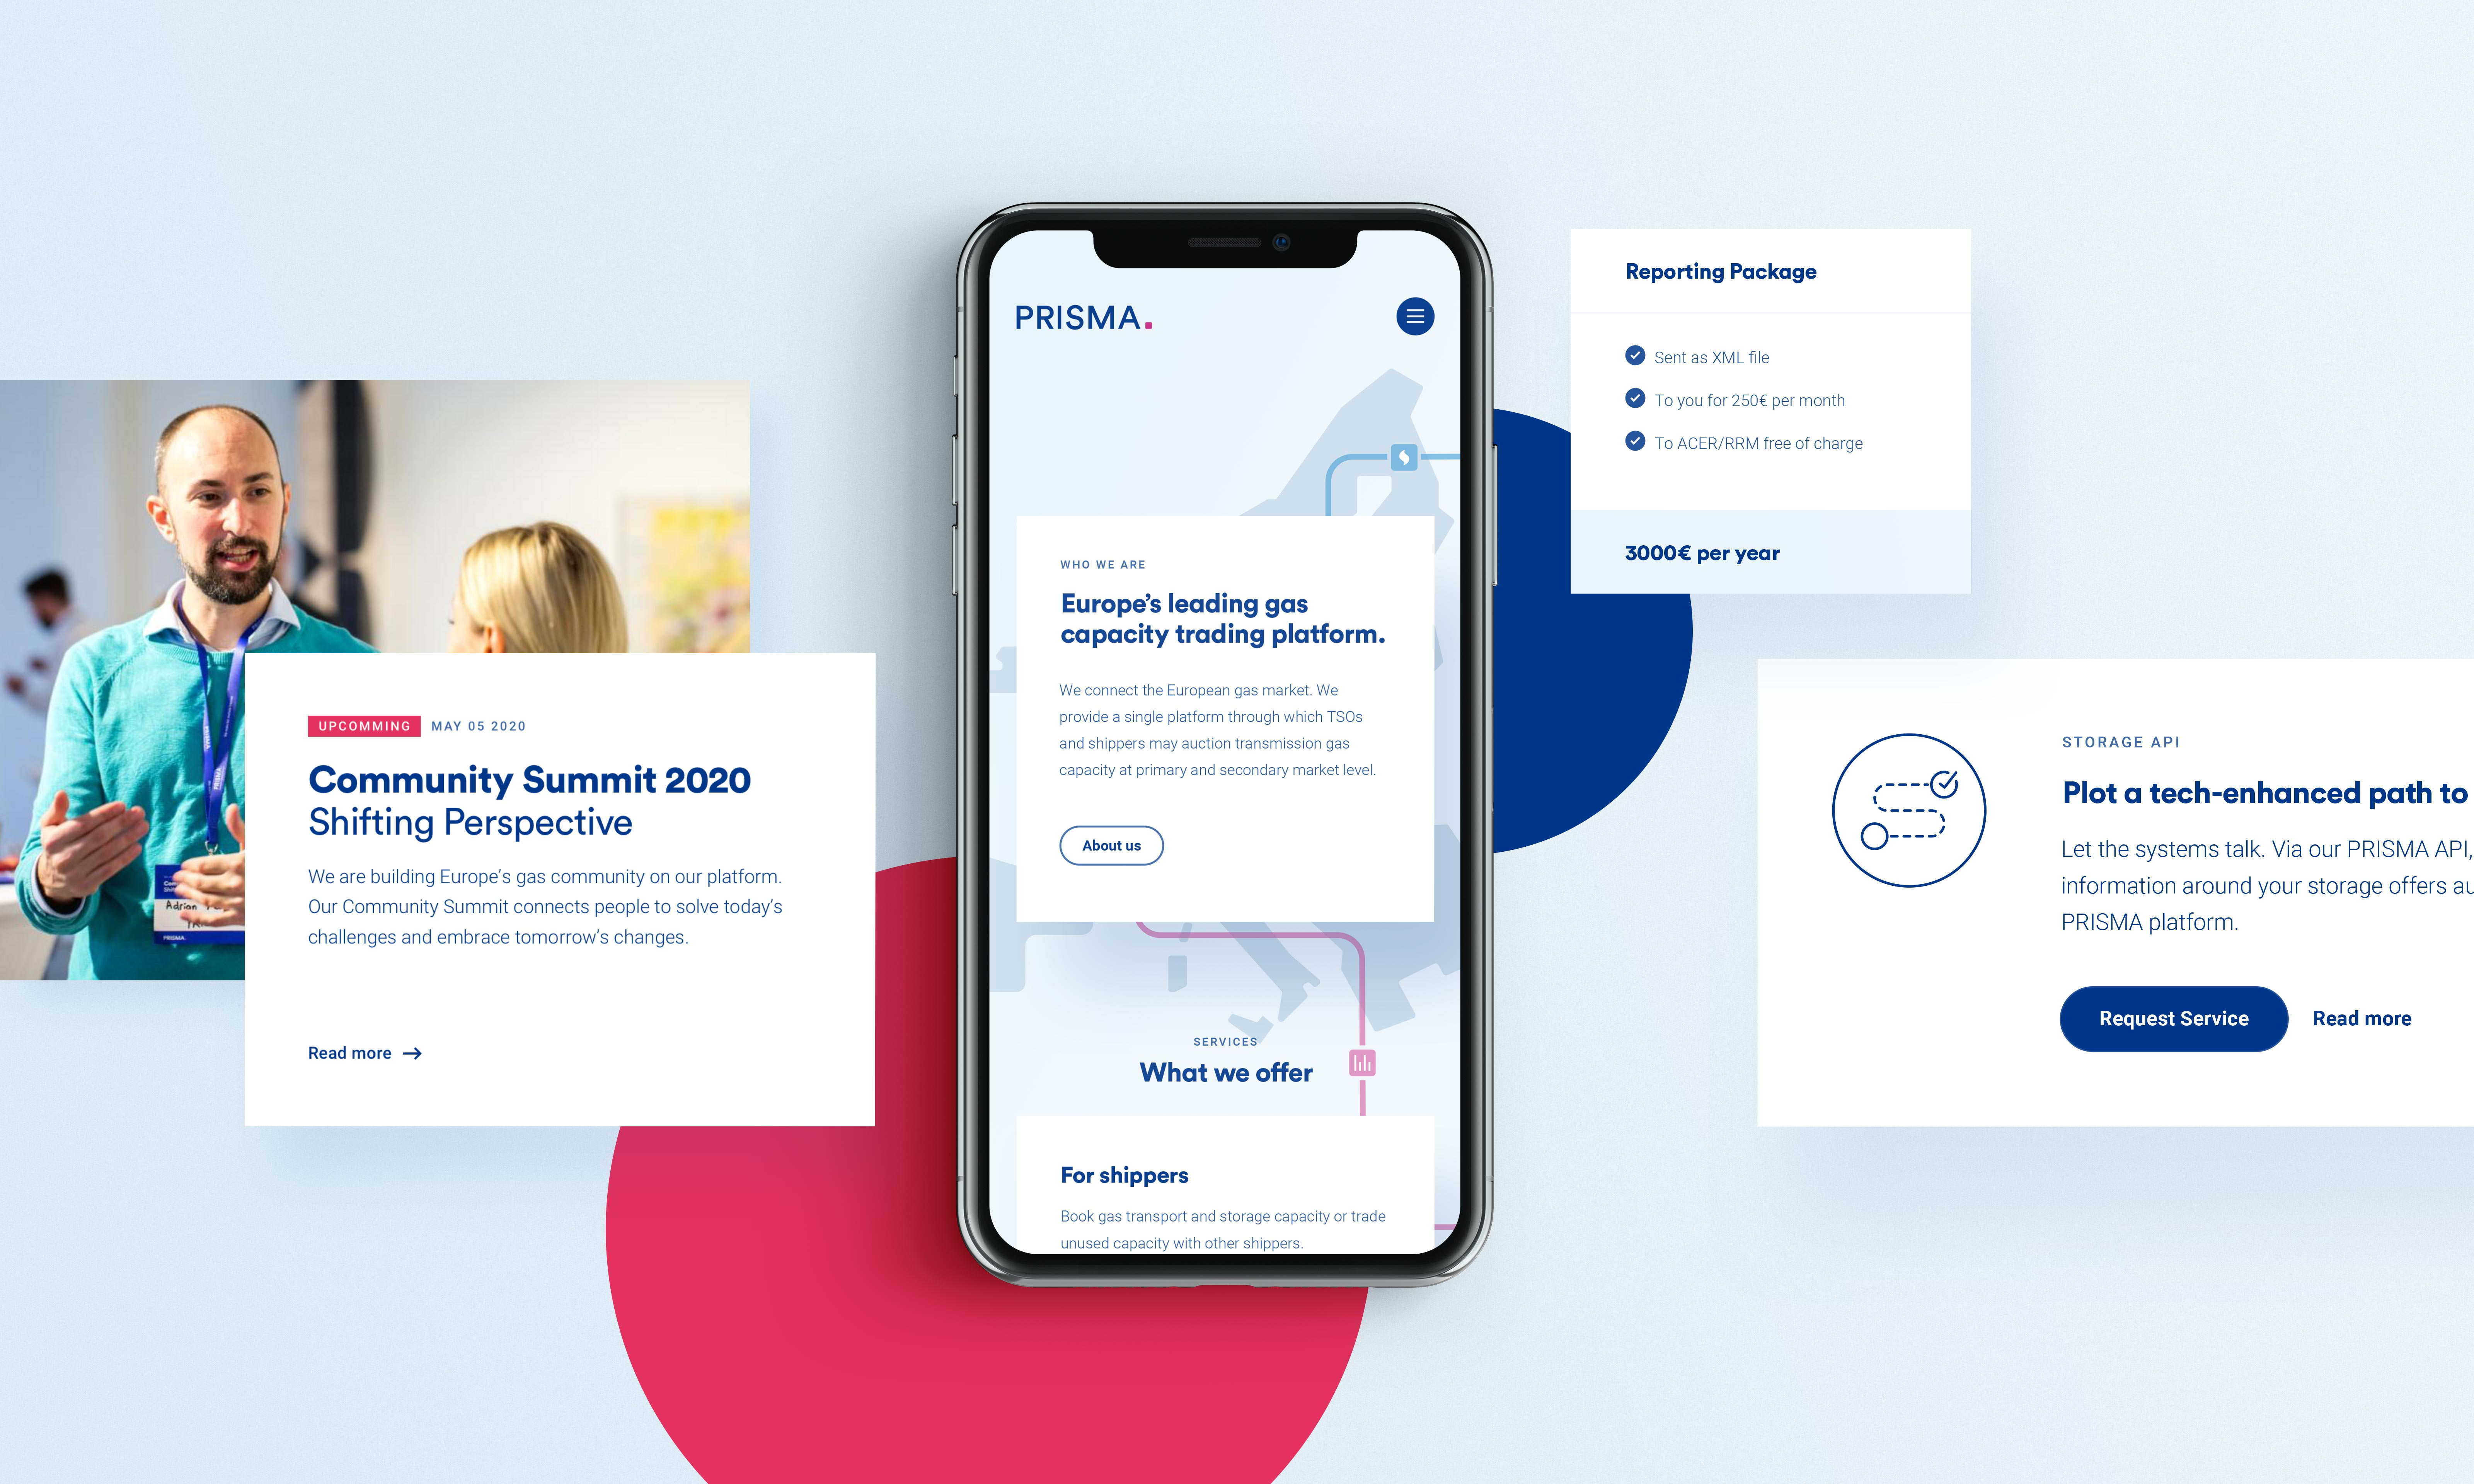 schwebende UI-Elemente der Website und Smartphone mit Ansicht der Startseite vor hellblauen Hintergrund